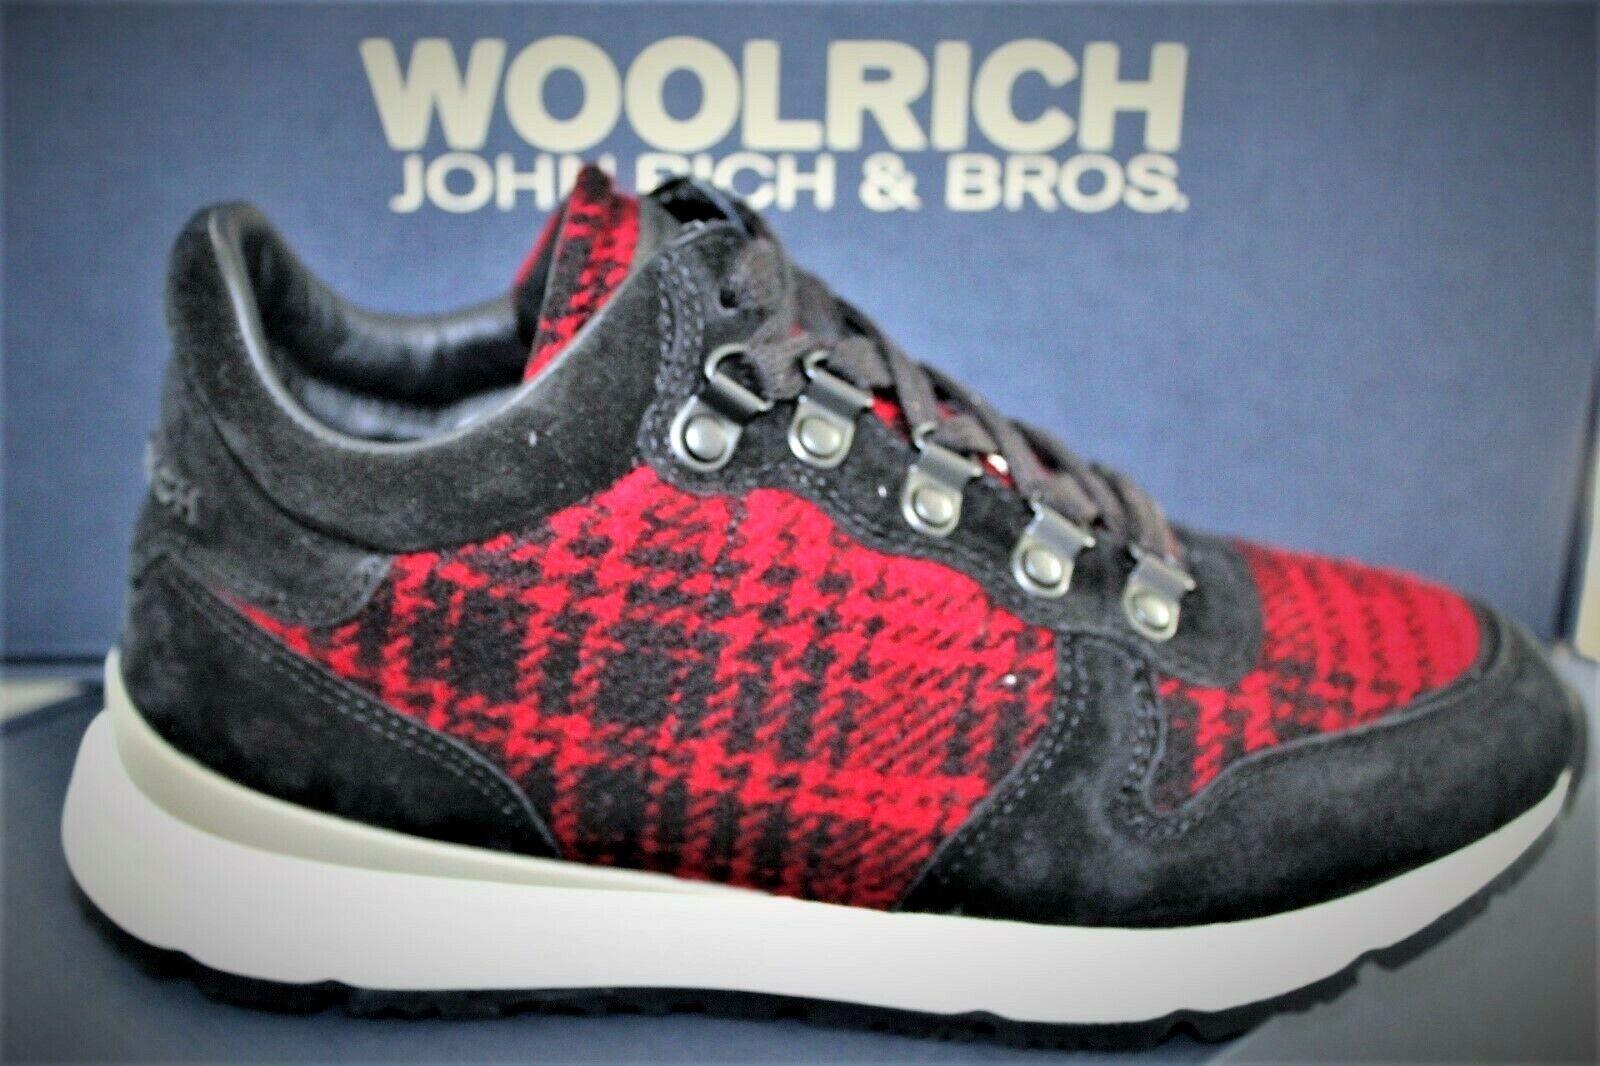 Woolrich Frau Sportschuhe Schuhe Schuhe Jogger Mittel- WF3104-WF170W325 2018      749c7c